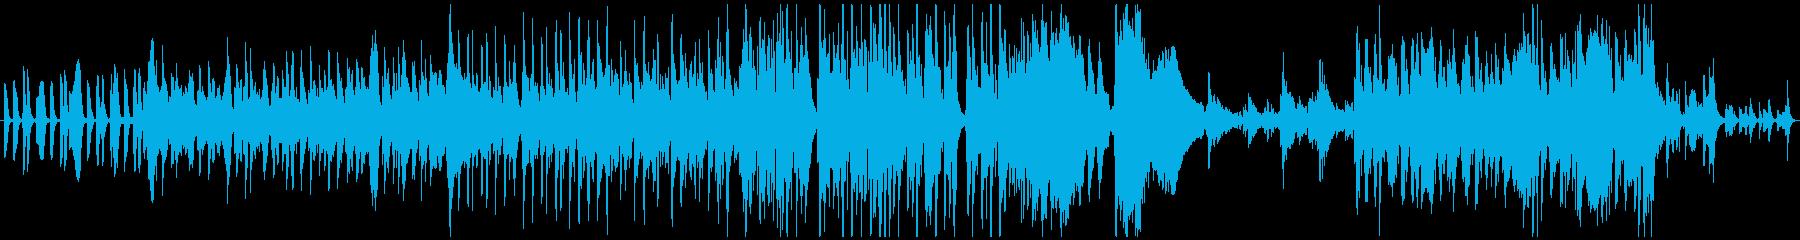 キュートで奇妙な怪しいコメディ風映画音楽の再生済みの波形